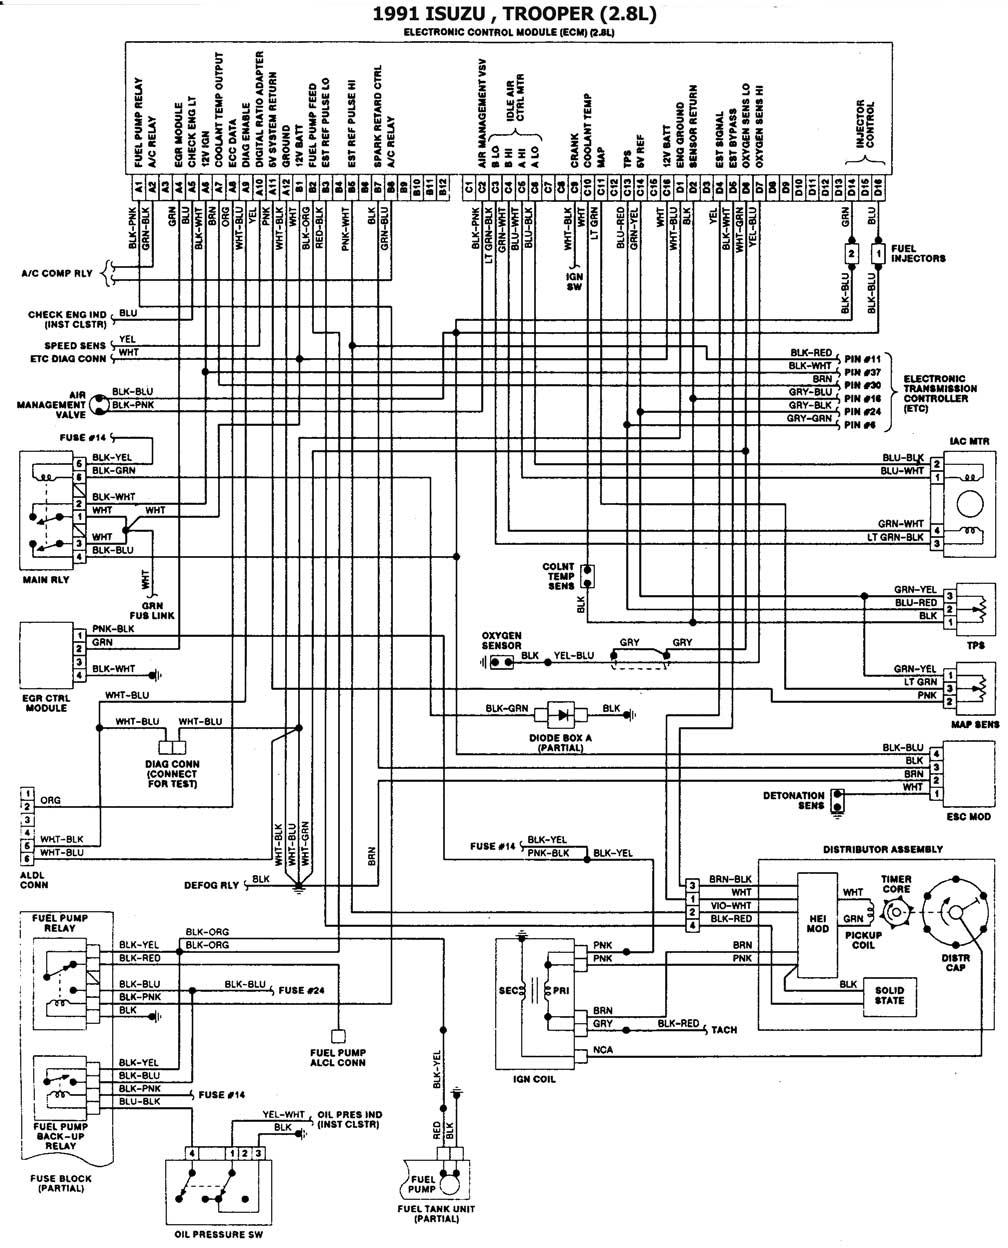 [SCHEMATICS_4ER]  BAB989 91 Trooper Ecm Wiring Diagram | Wiring Resources | 1991 Isuzu Trooper Wiring Diagram |  | Wiring Resources